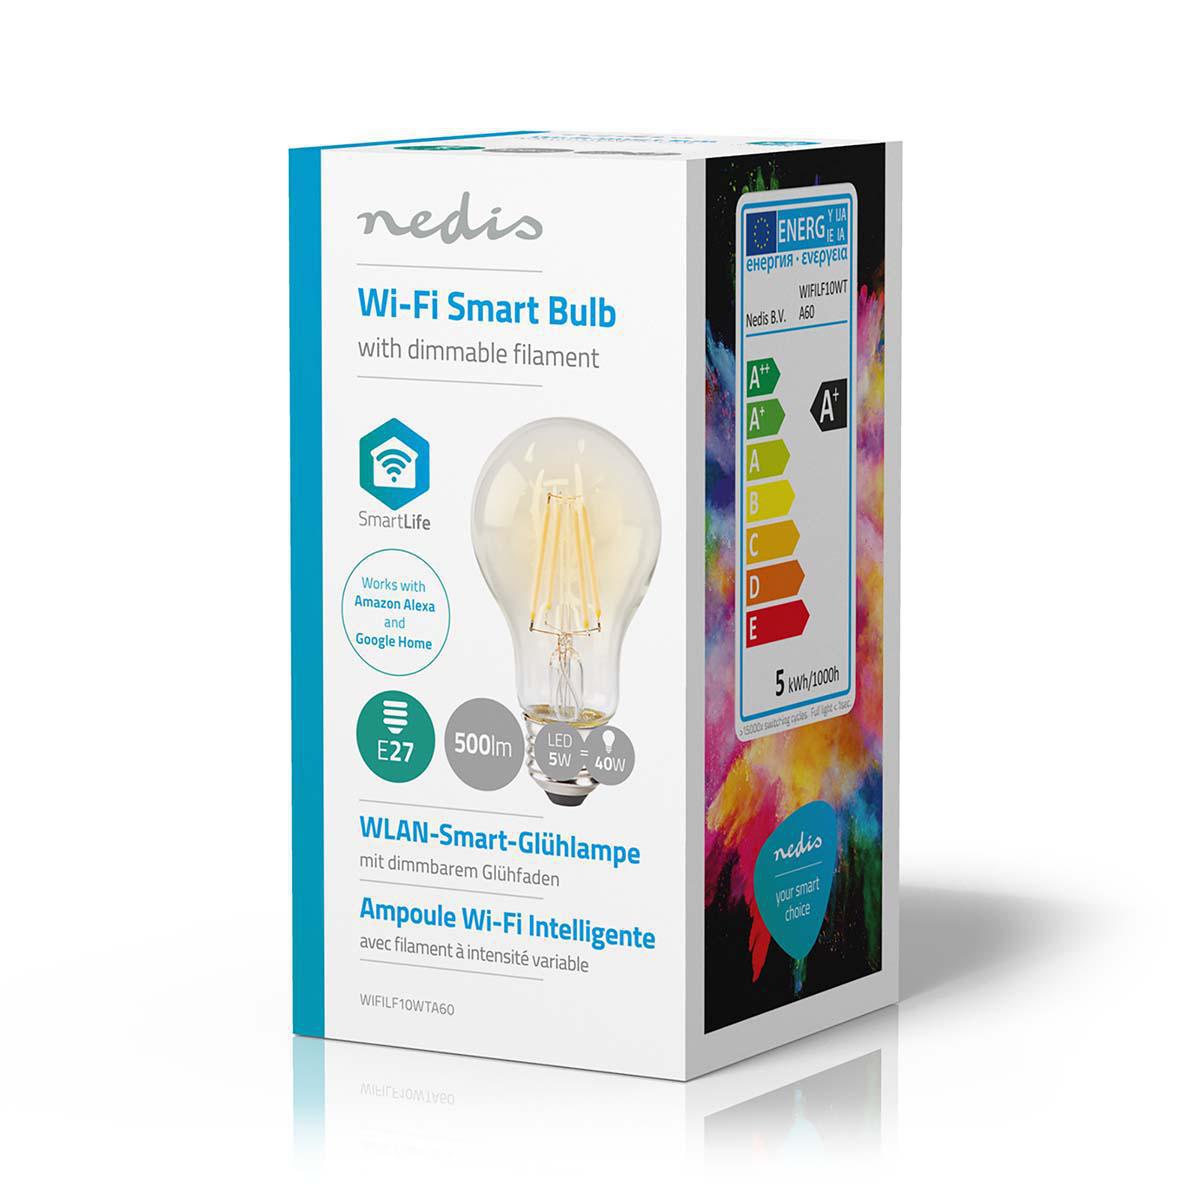 Slimme Wi-Fi Led Lamp helder glas 5 Watt 2700K warm wit - zijaanzicht verpakking